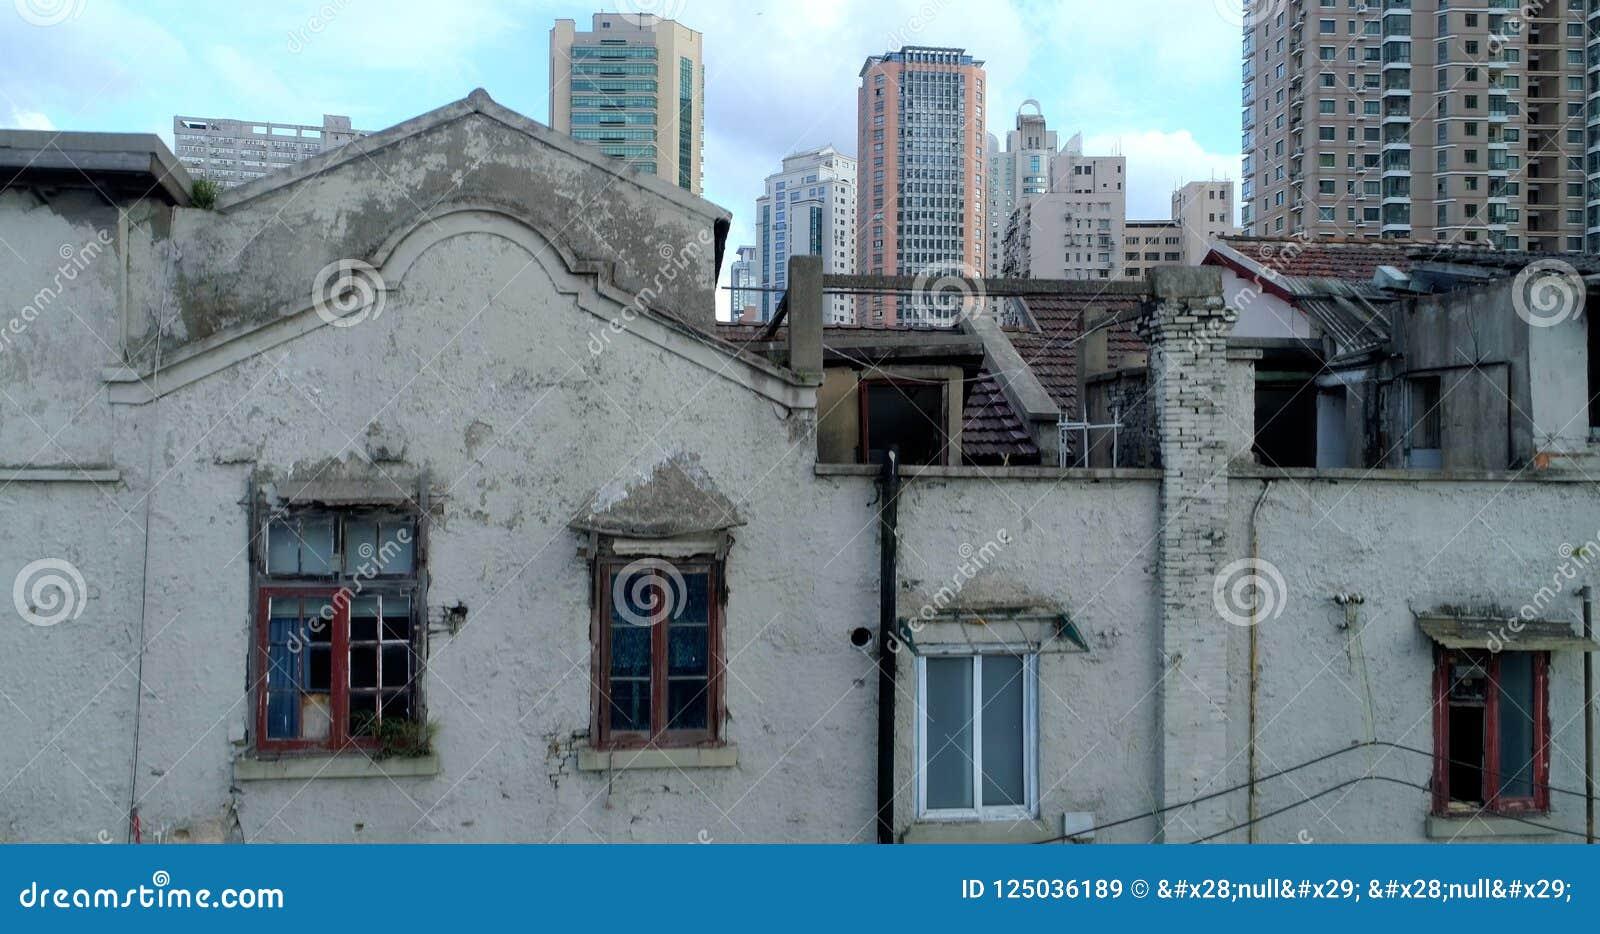 Σαγκάη - συνεχώς μεταβαλλόμενη πόλη